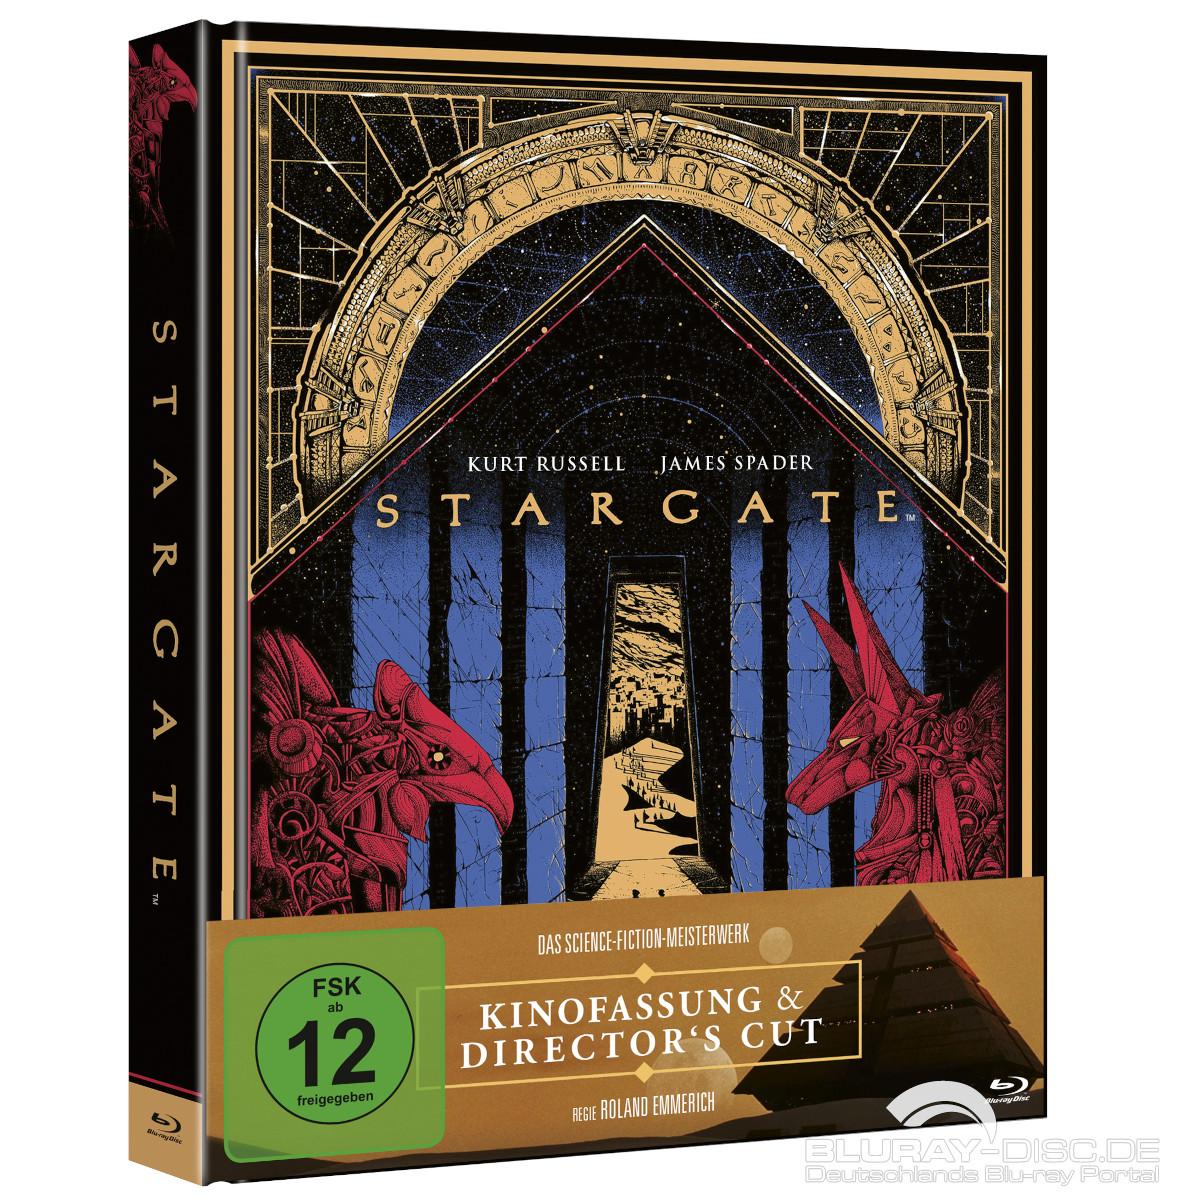 Stargate-Mediabook-Cover-D-Galerie-01.jpg